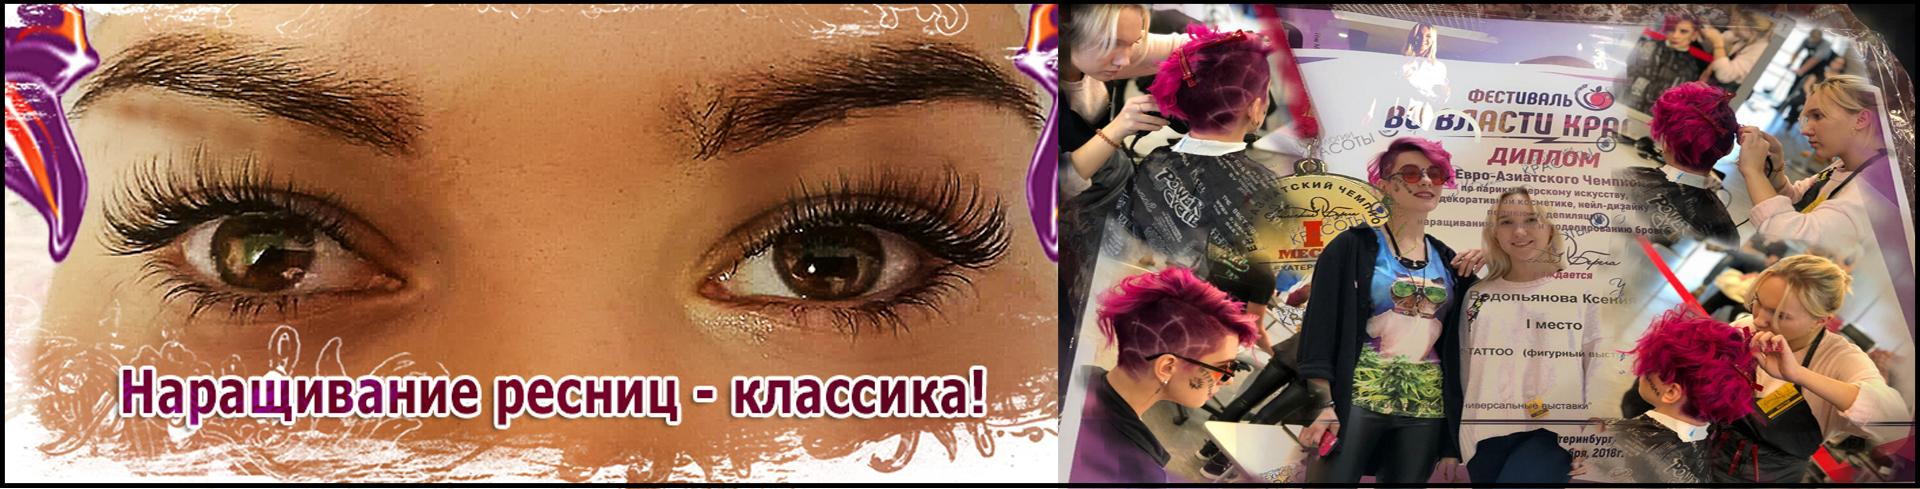 SalonYanika_12